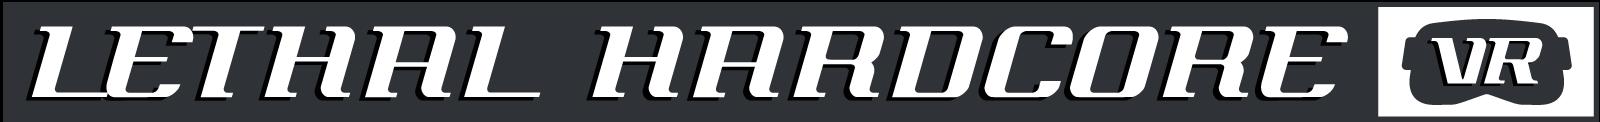 Lethal Hardcore VR Logo